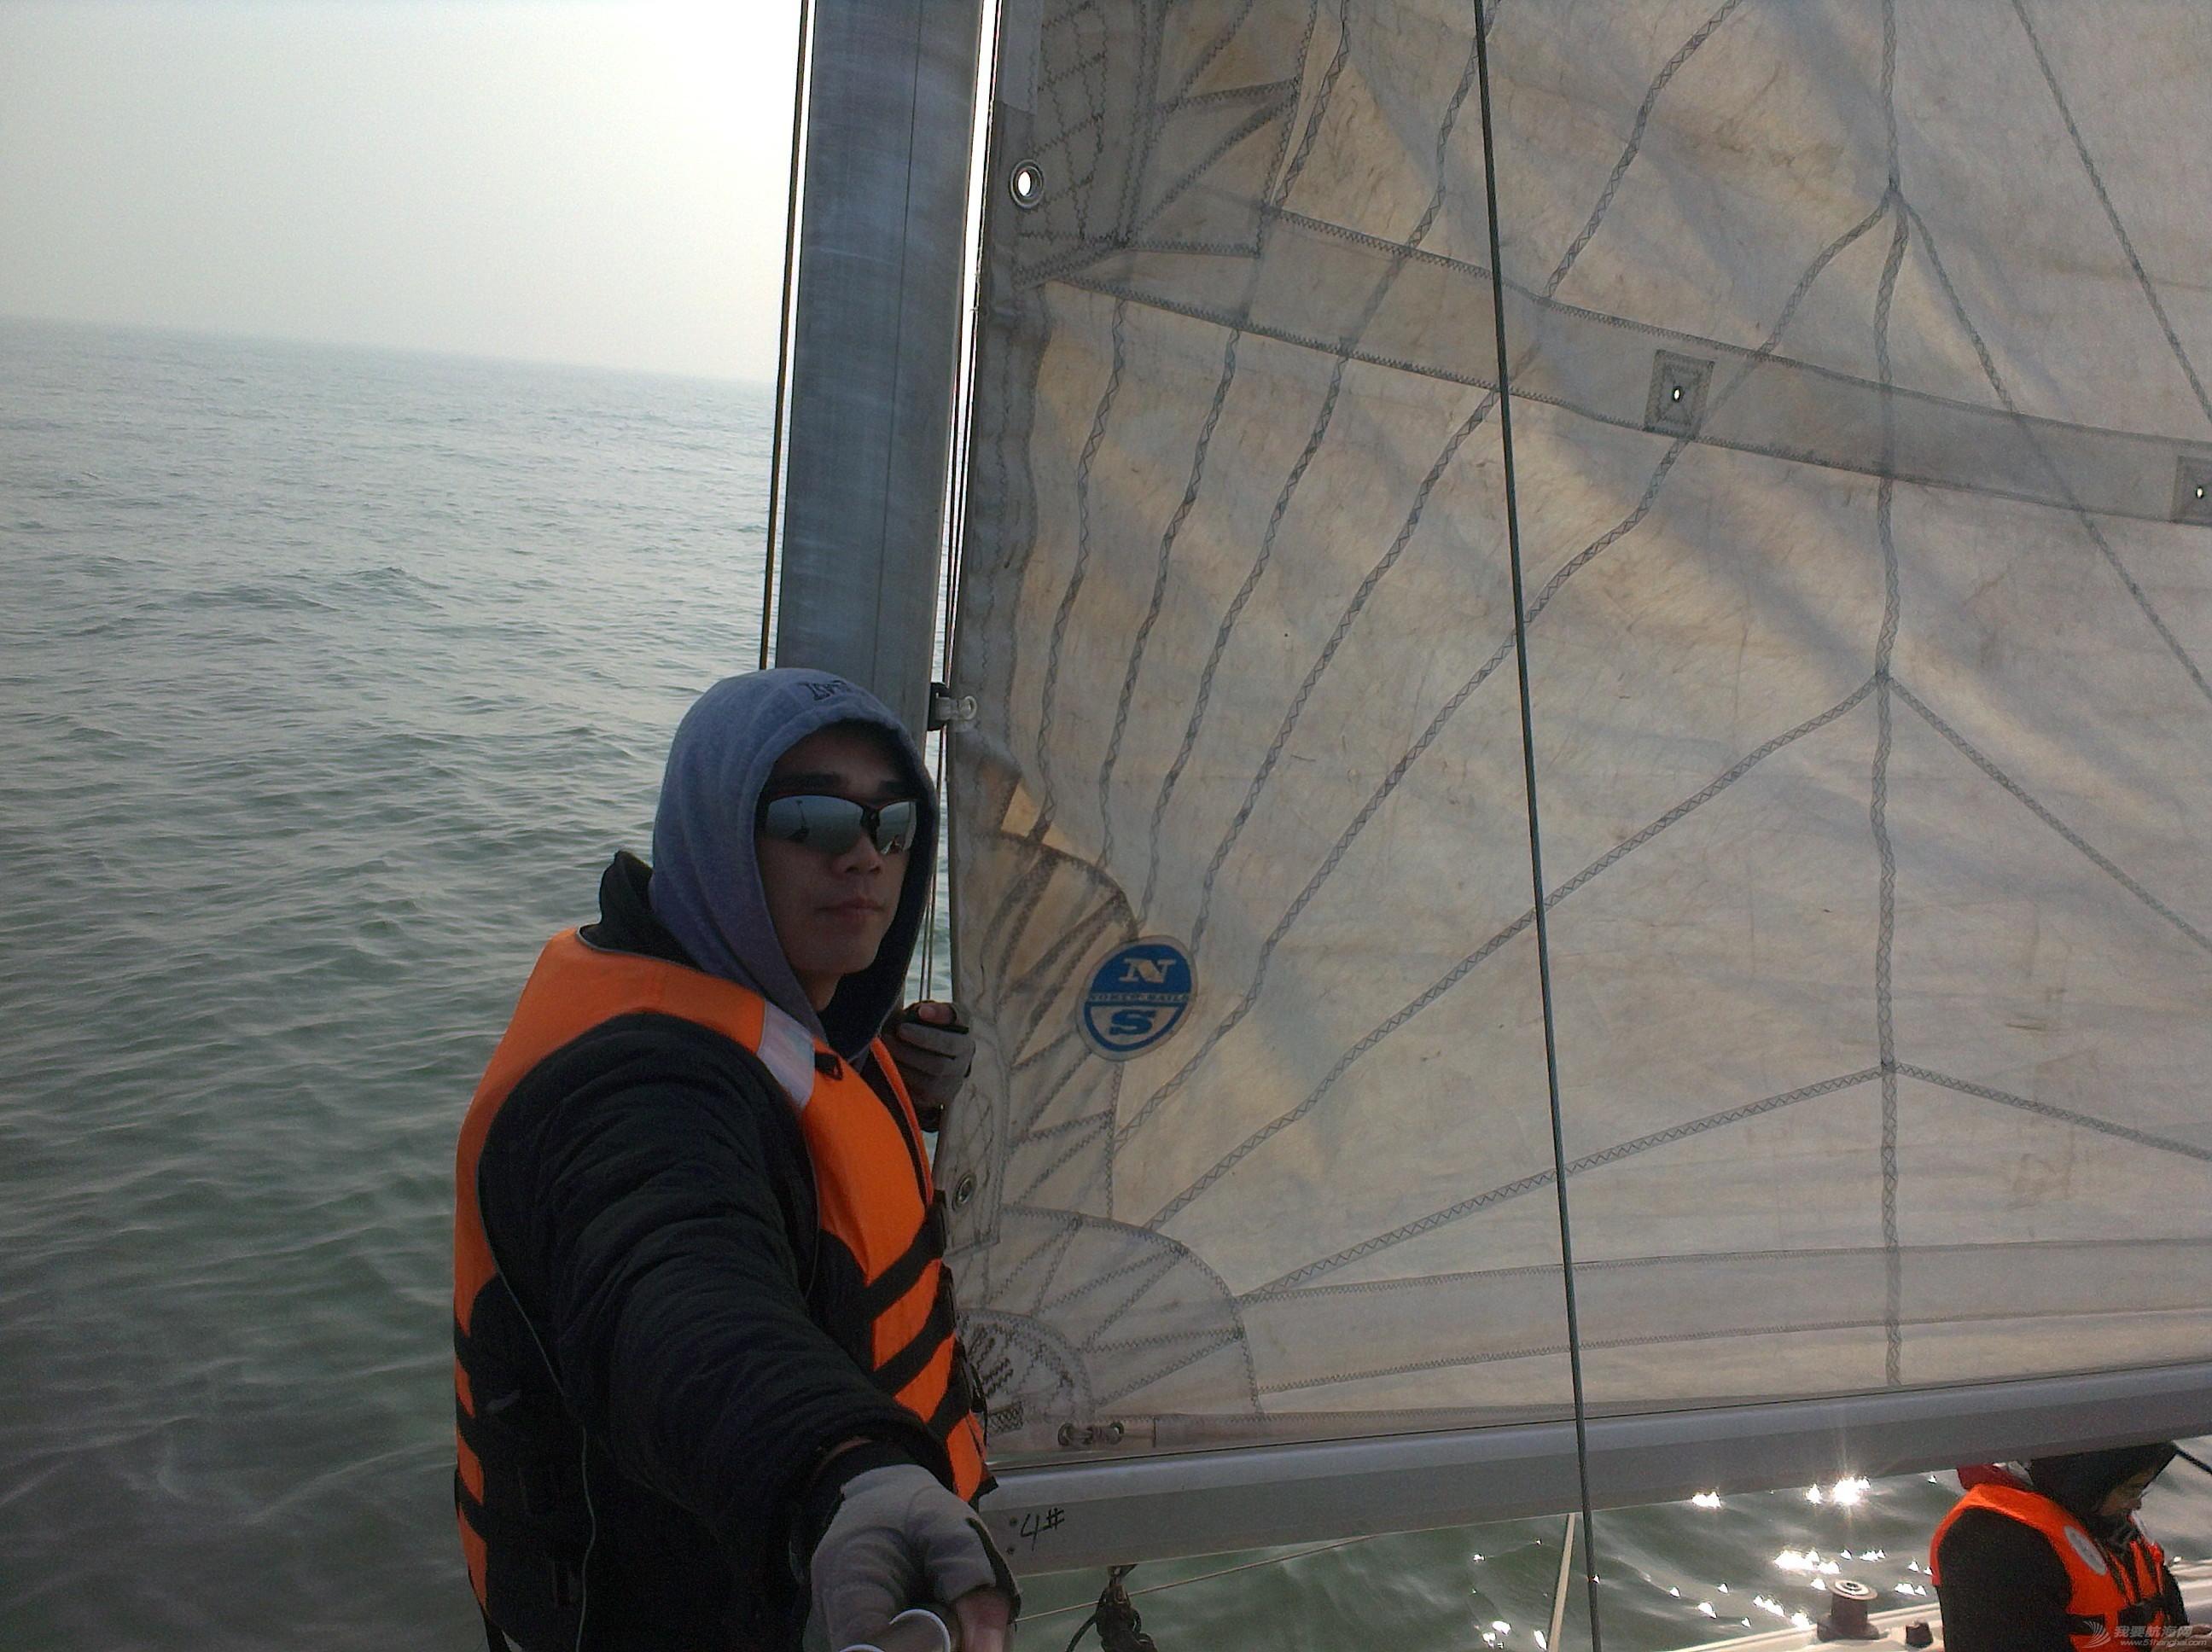 帆船 免费航海不是梦…我是十四期学员(我要去航海/全民公益航海帆船训练) C360_2016-01-02-10-30-19-971.jpg